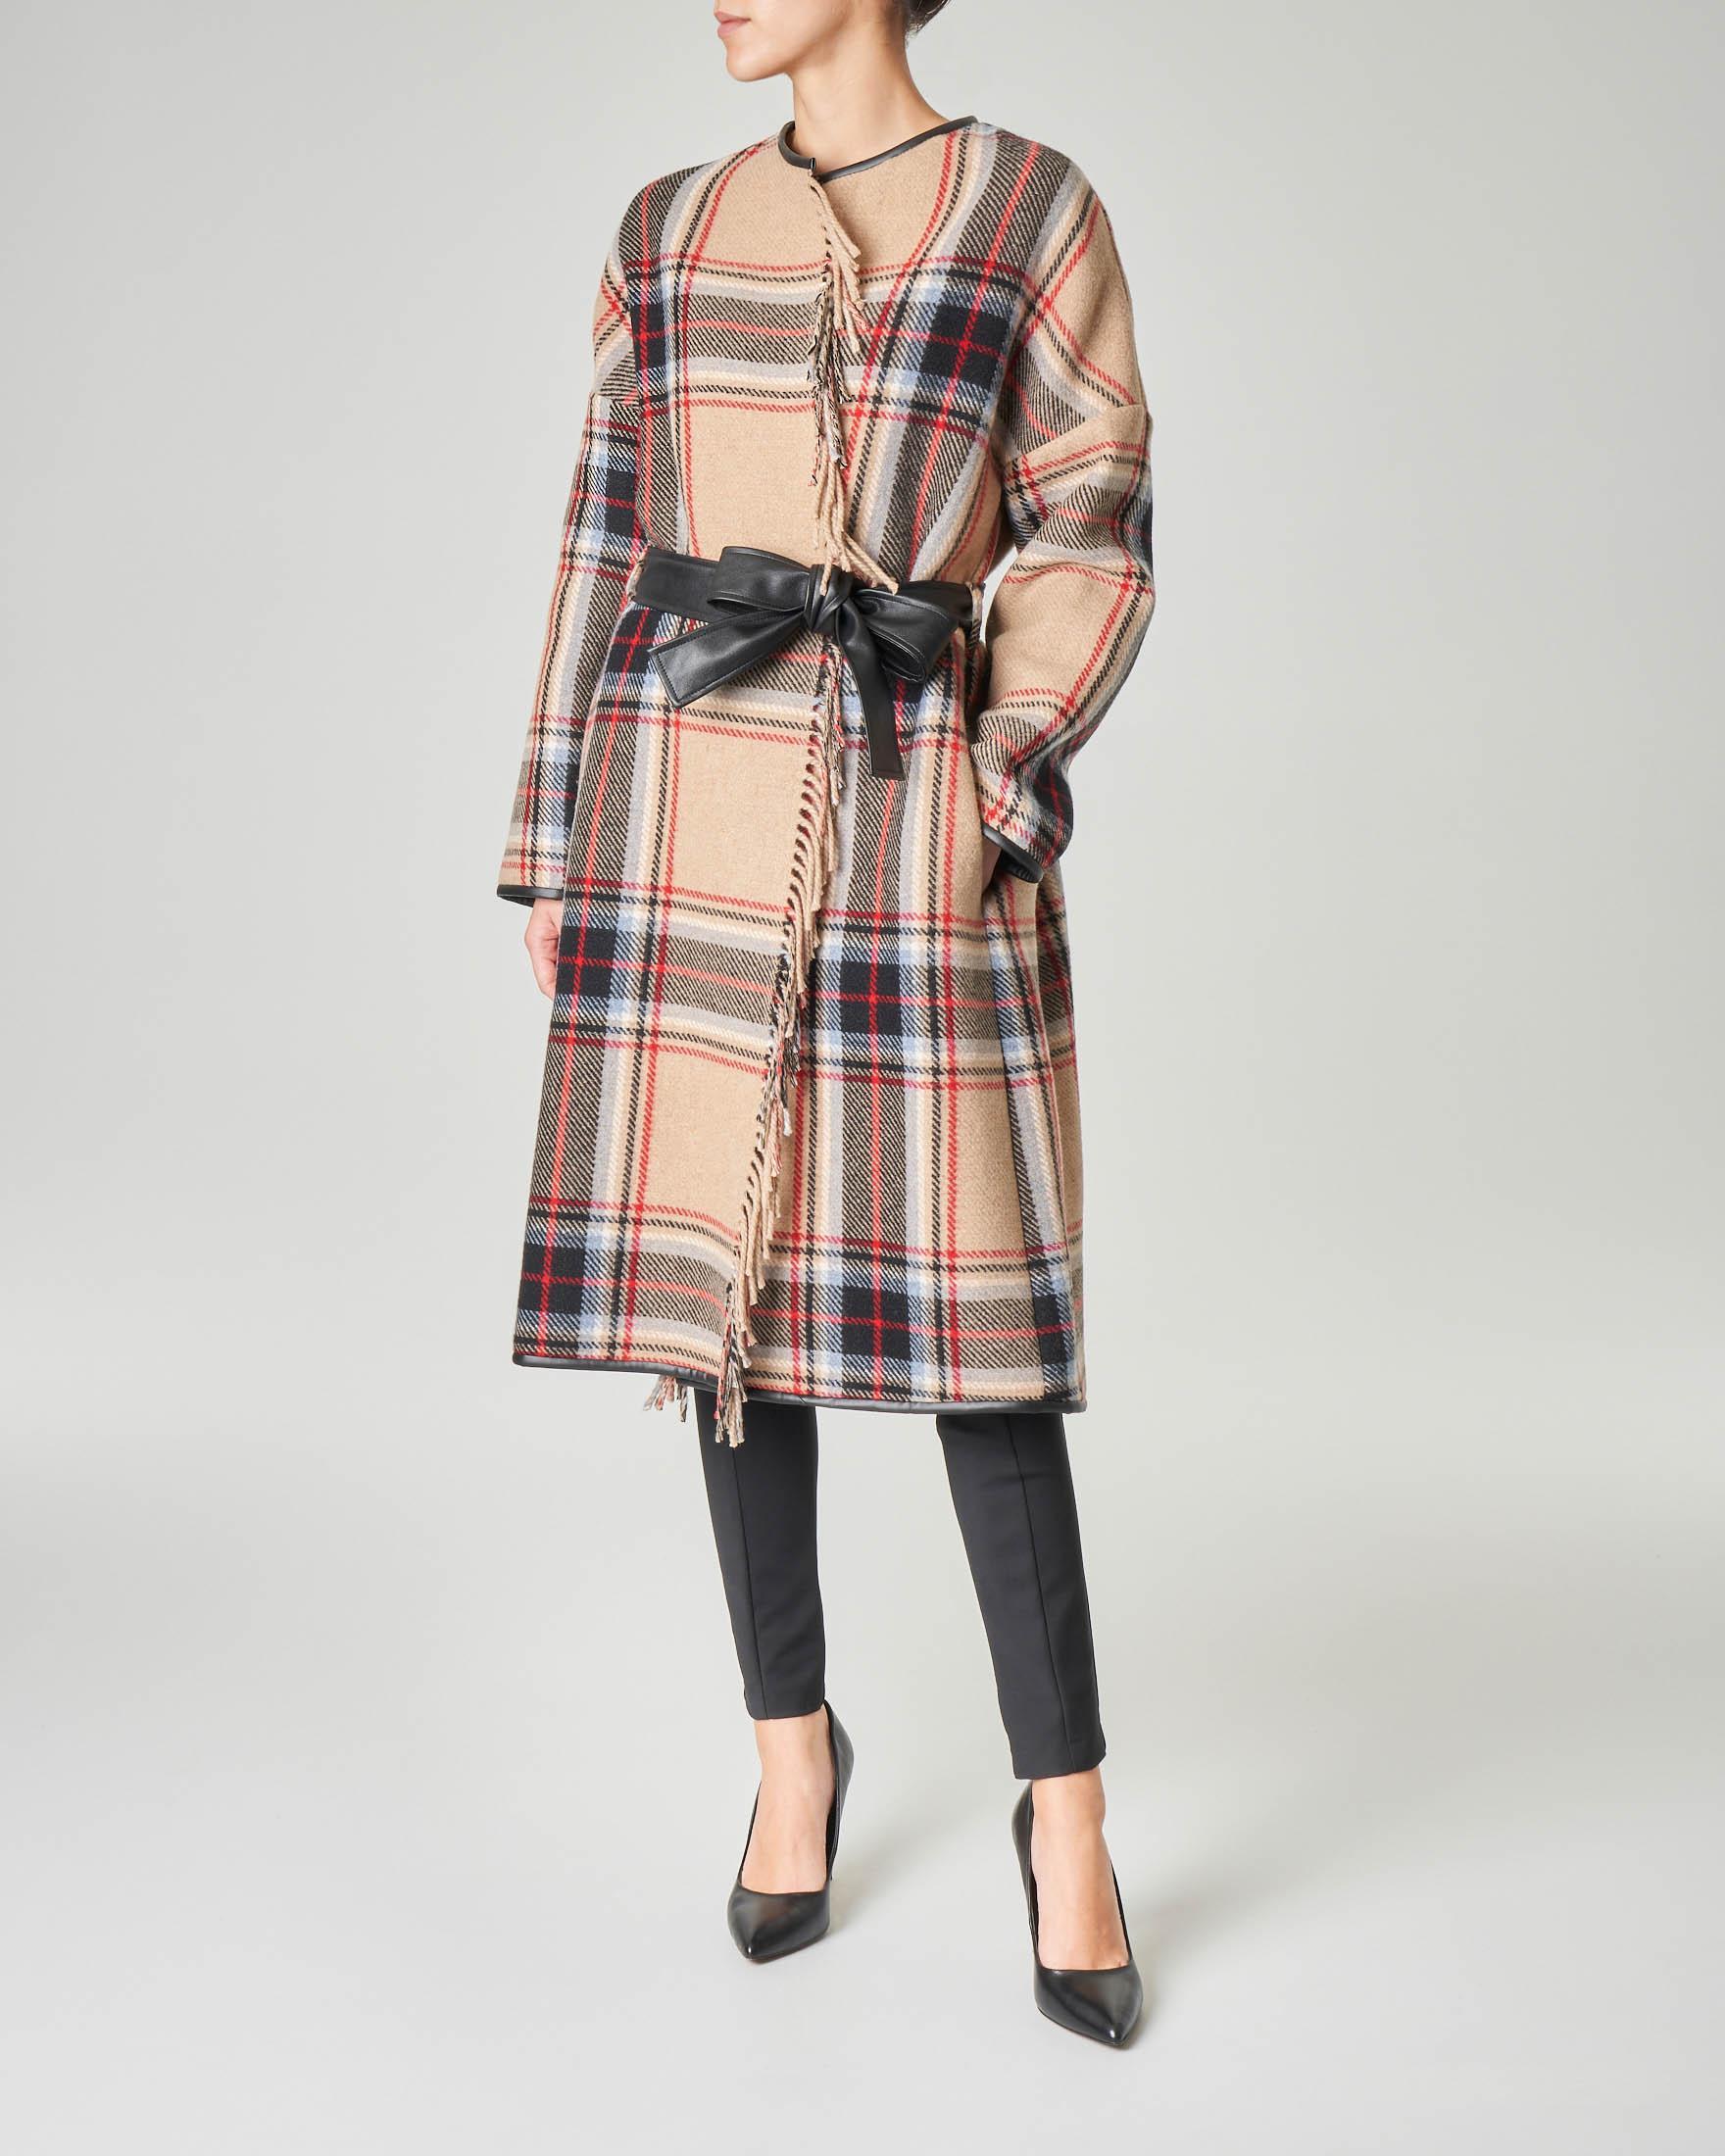 Cappotto fantasia check color cammello in misto lana con cintura in ecopelle nera